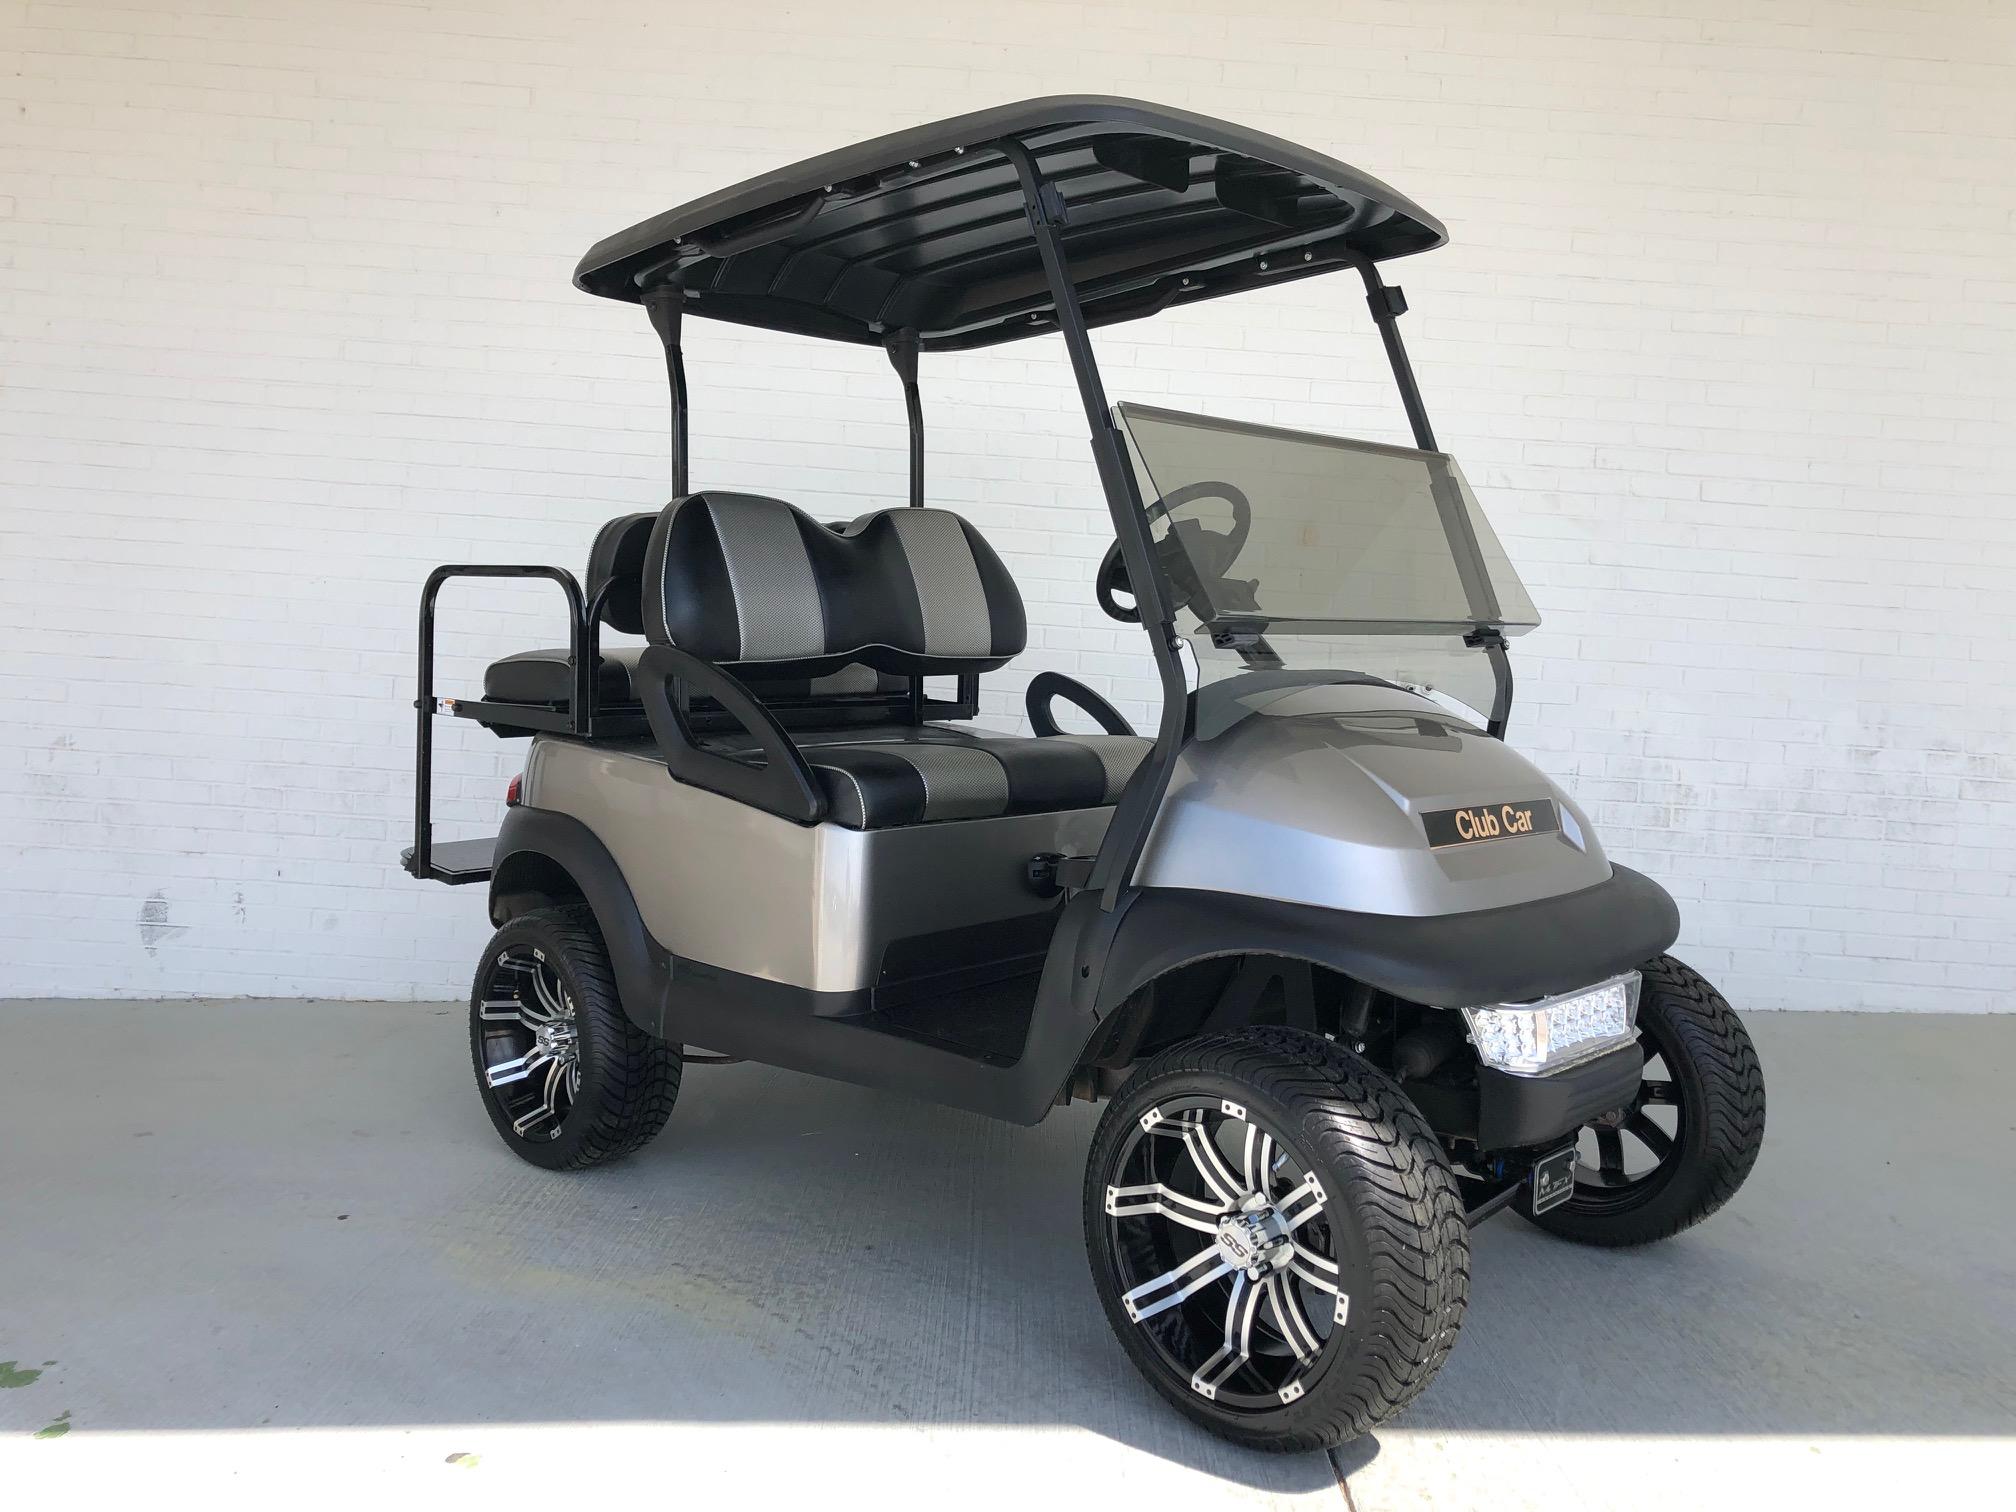 Silver 3 5 Inch Lifted Club Car Precedent Golf Cart Shop All Golf